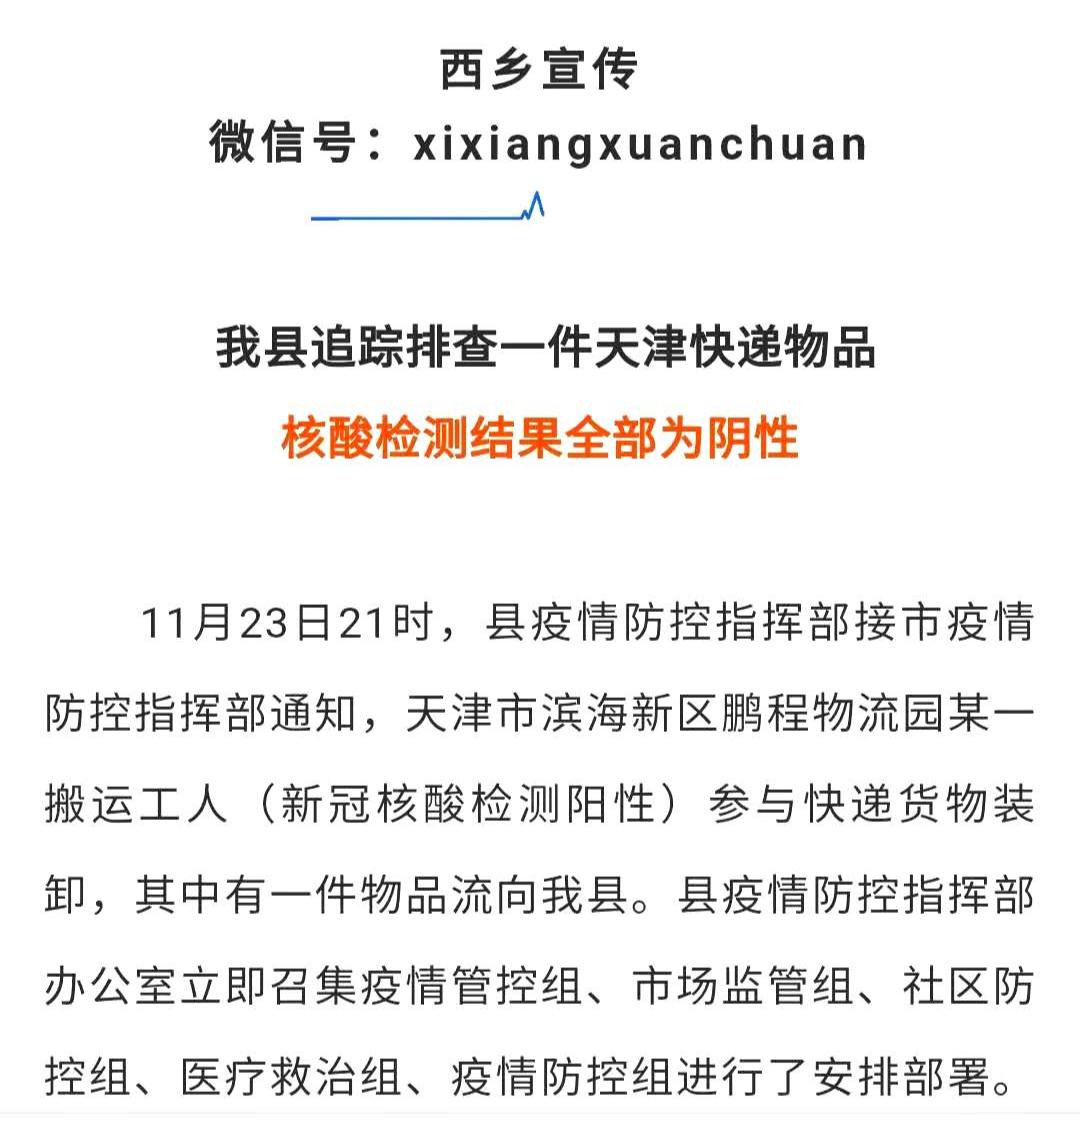 检测阳性搬运工人接触快递流入陕西汉中,检测结果公布!